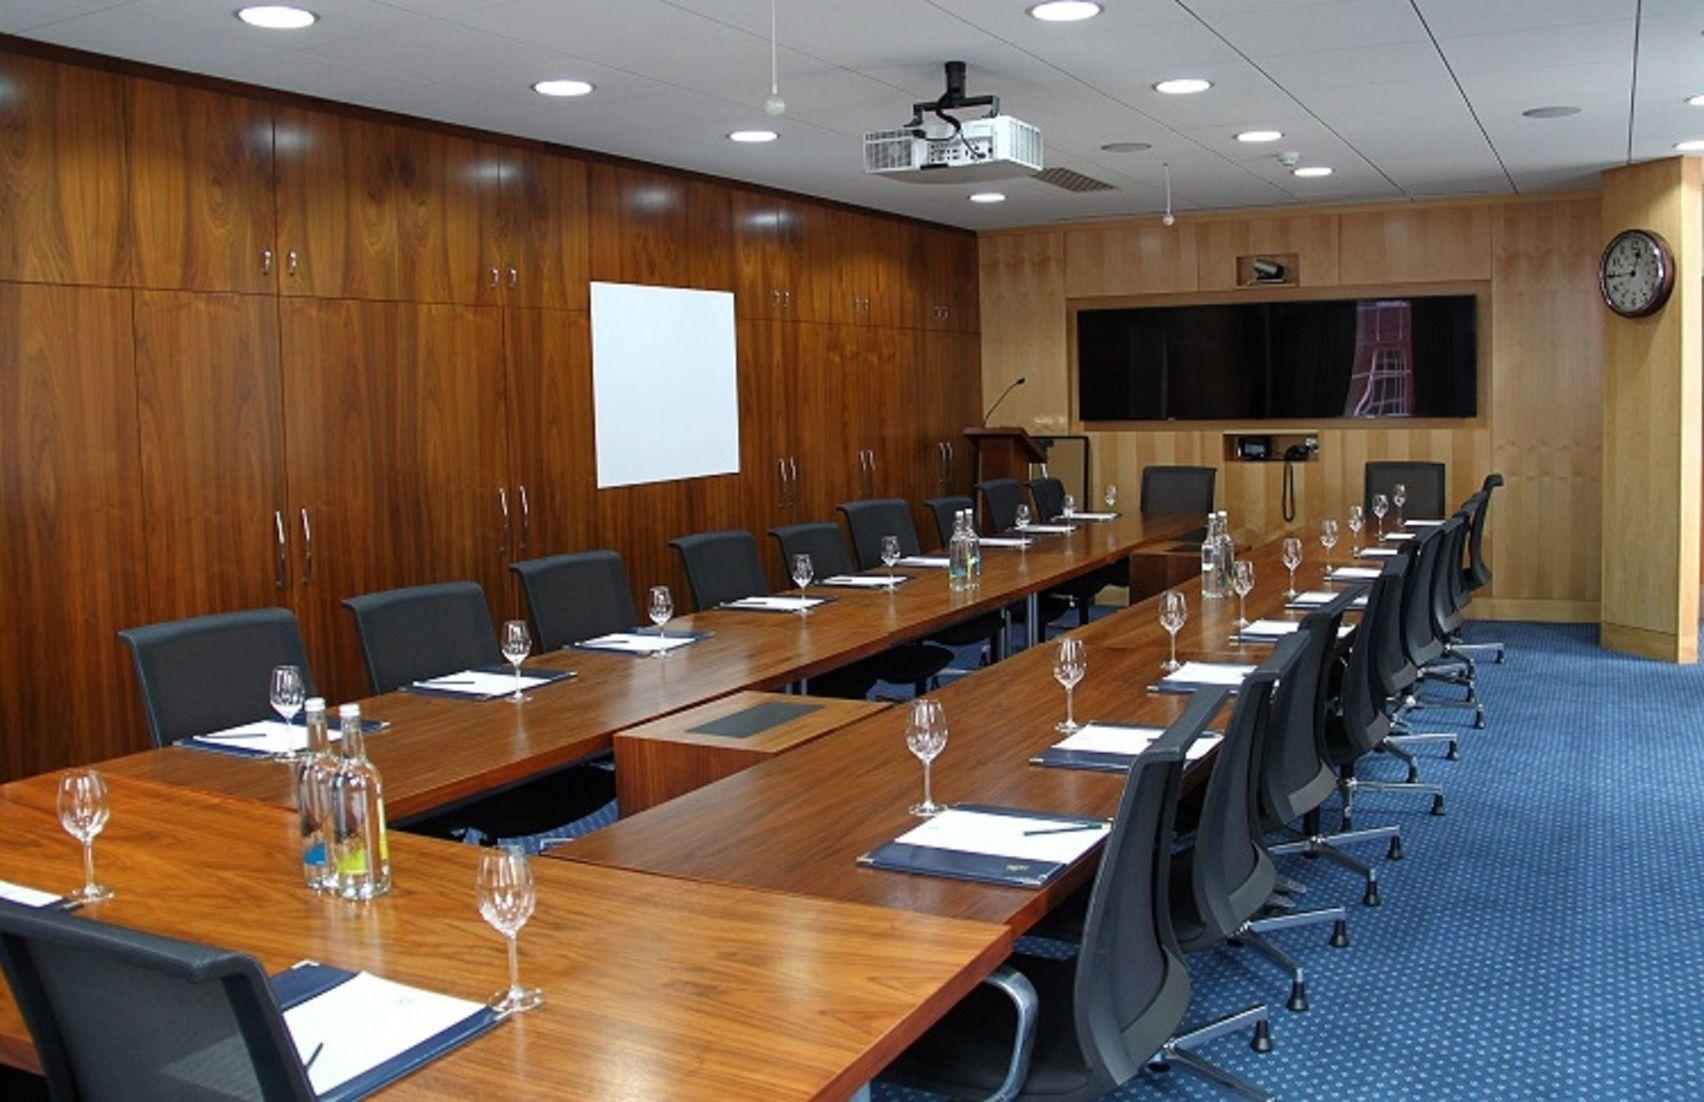 The Rose Heilbron Room, The Honourable Society of Gray's Inn